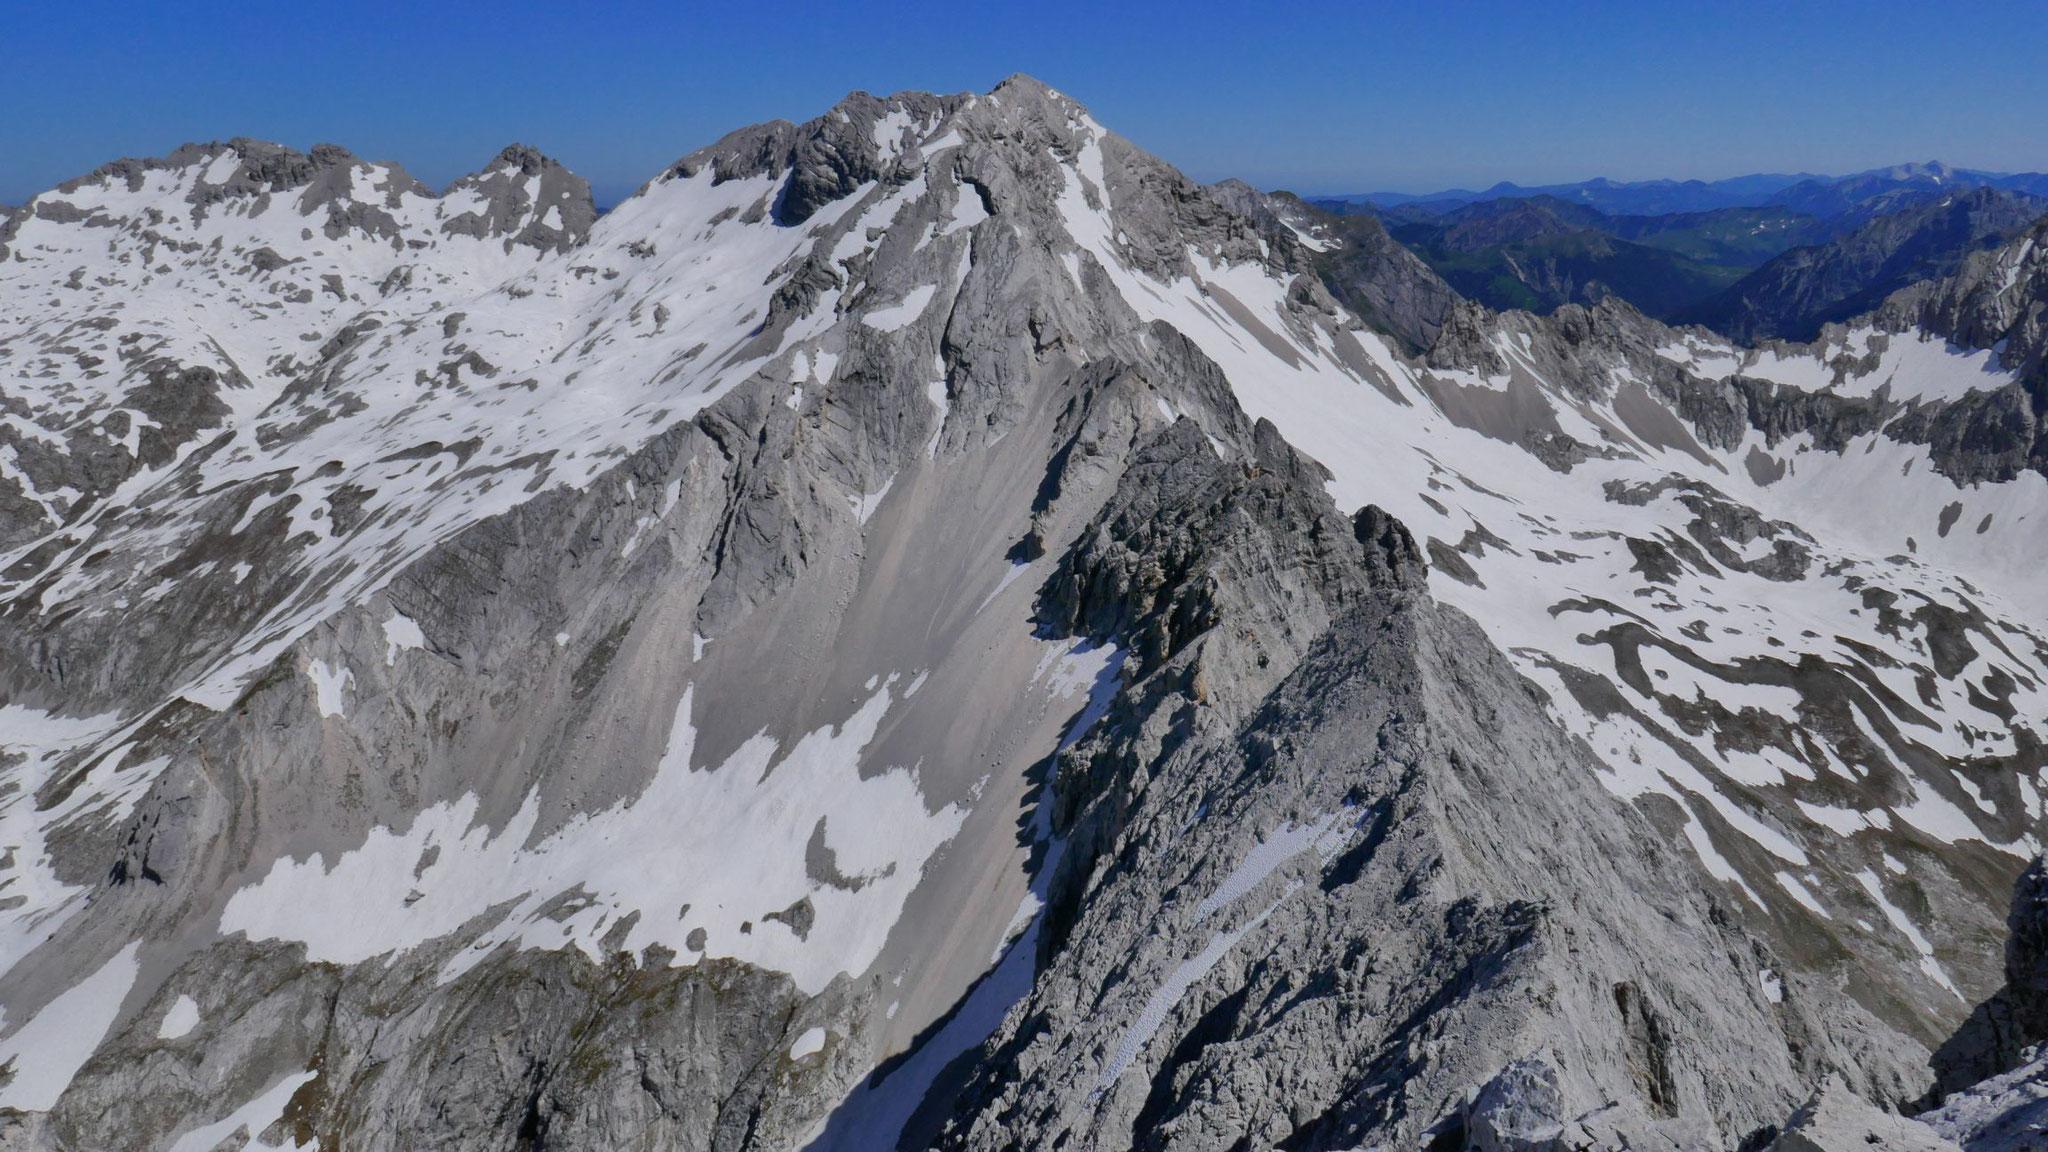 Grubenkarspitze, wo die südliche Rosslochumrahmung vom Hauptkamm abzweigt